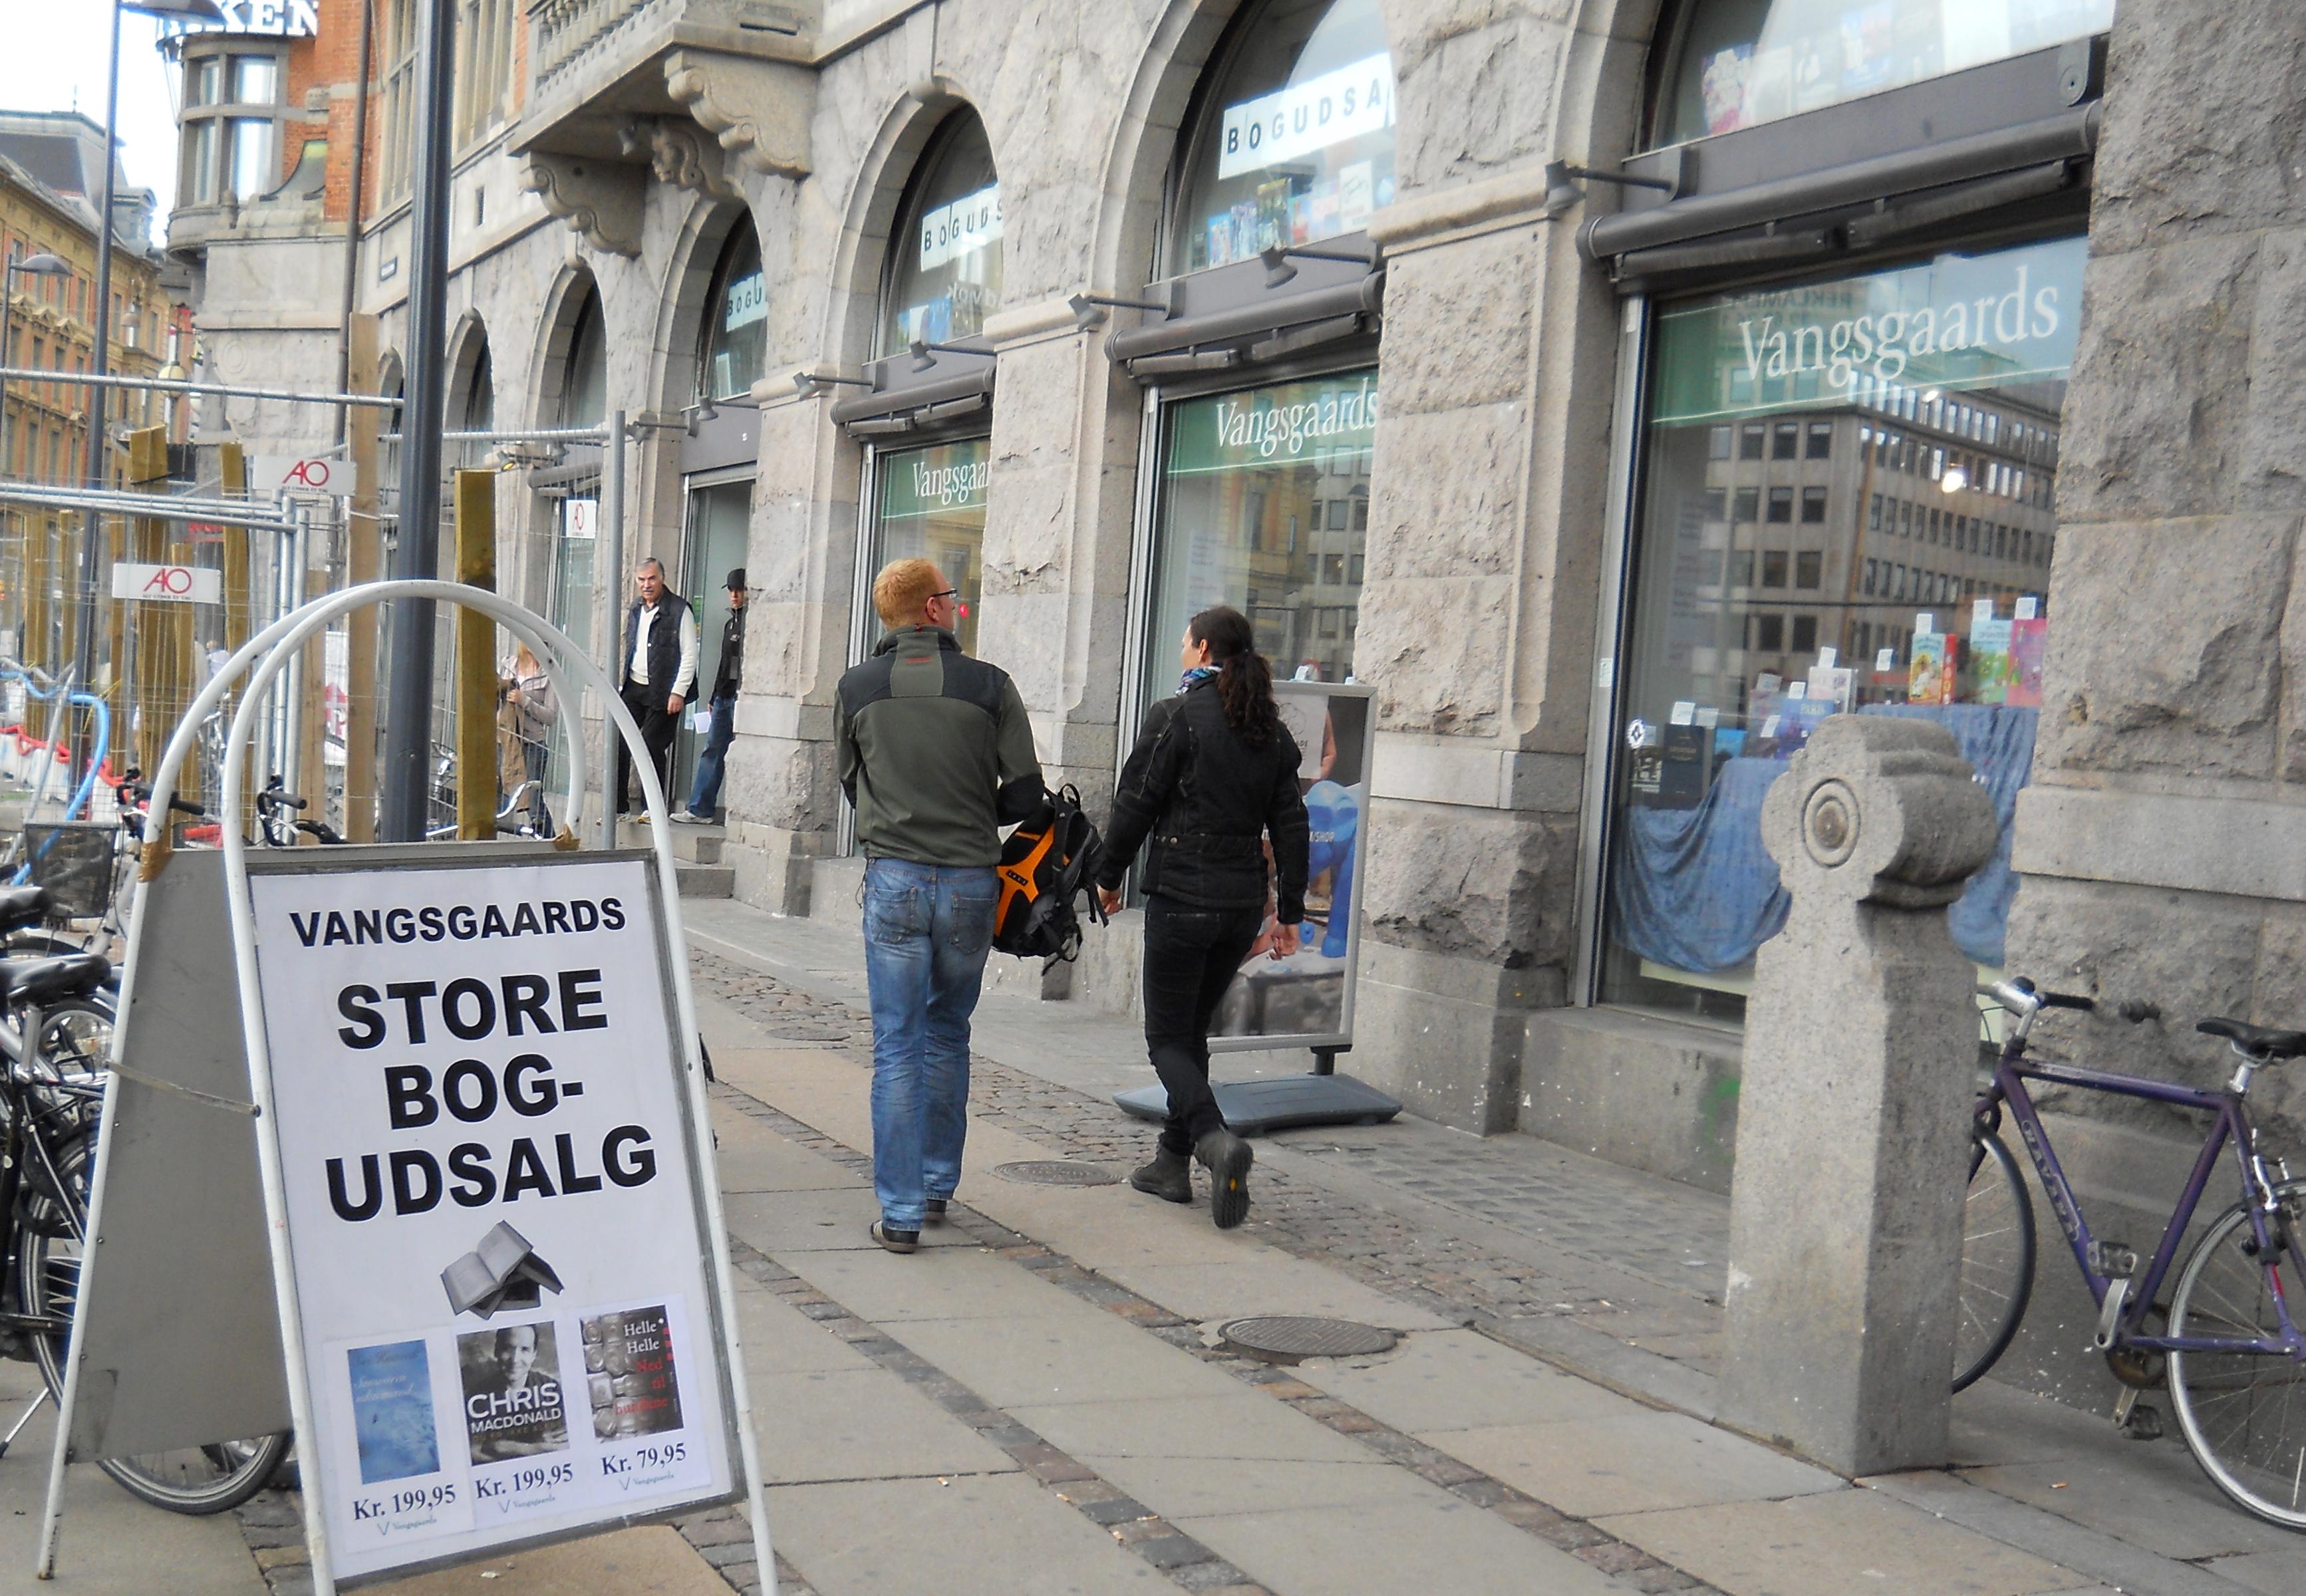 Boghandlere i Danmark: Forside